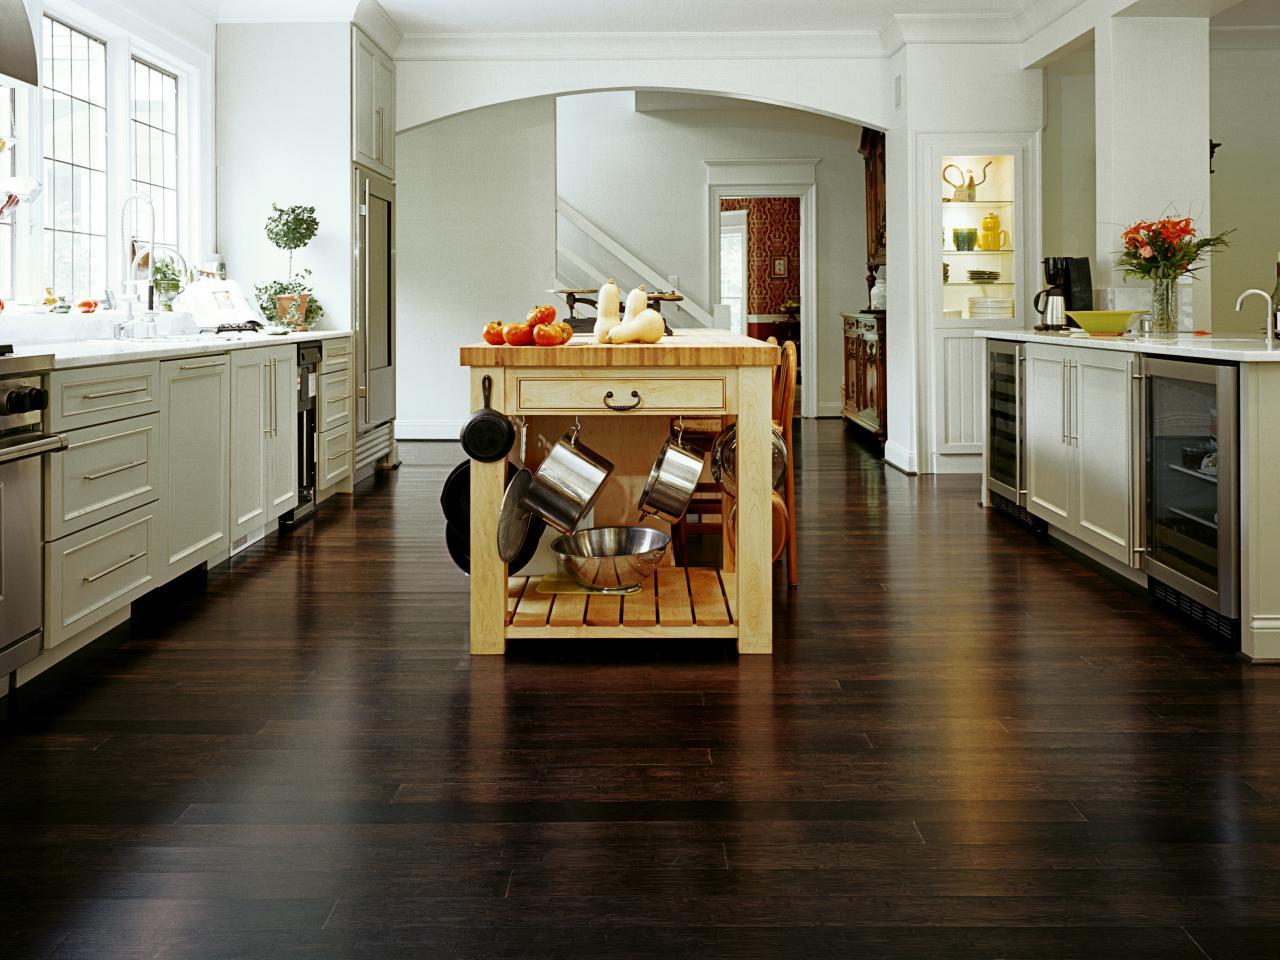 Donkere Vloeren In Het Interieur 47 Foto S Meubels Op De Bruine Vloer In Een Klein Appartement Combinatie Met Witte Deuren En Licht Behang Op De Muren